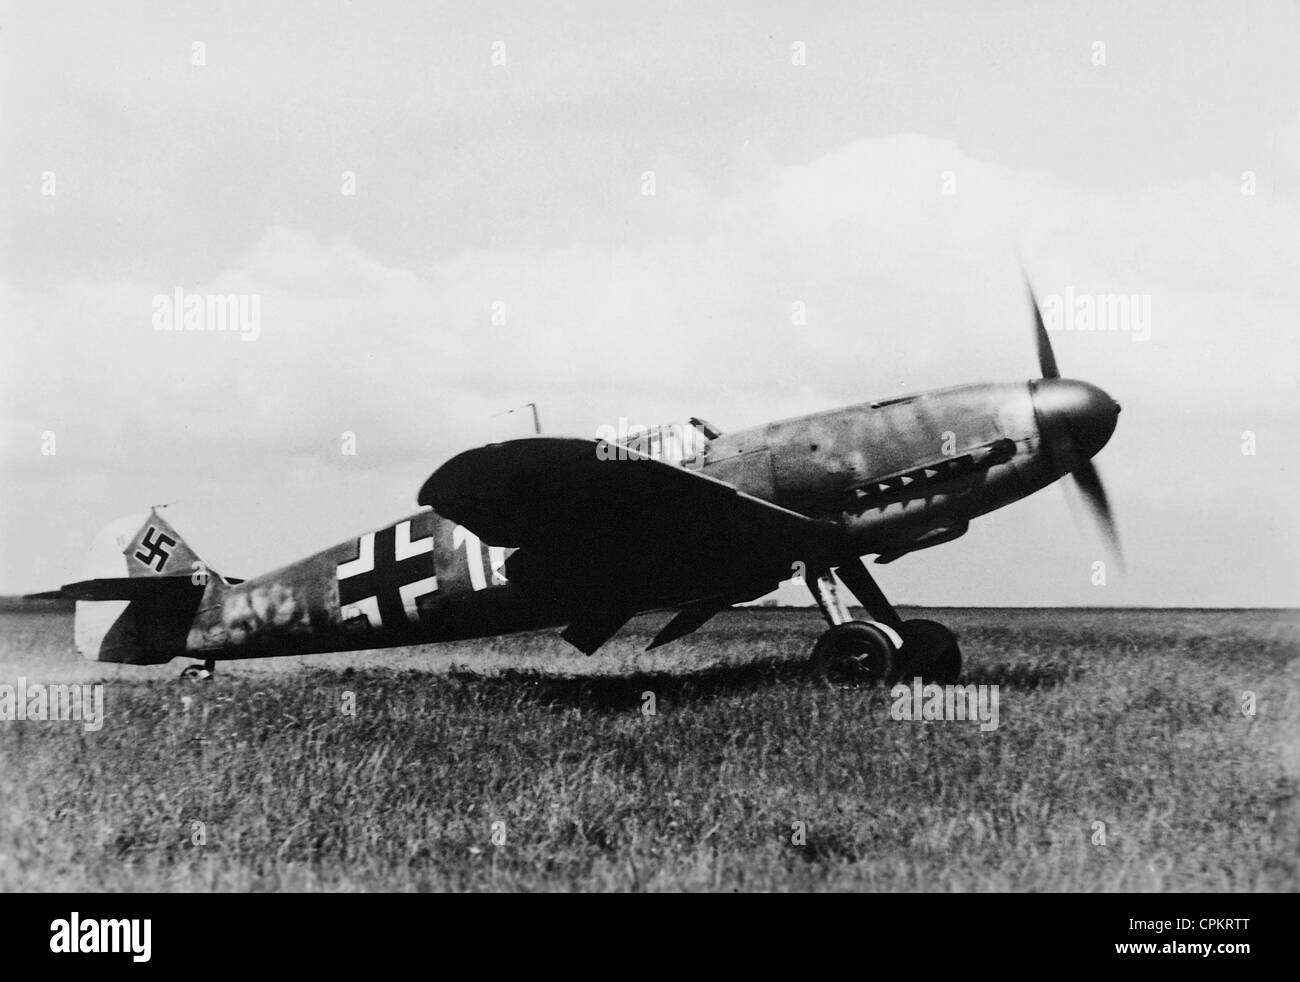 Messerschmitt Me 109, 1942 - Stock Image